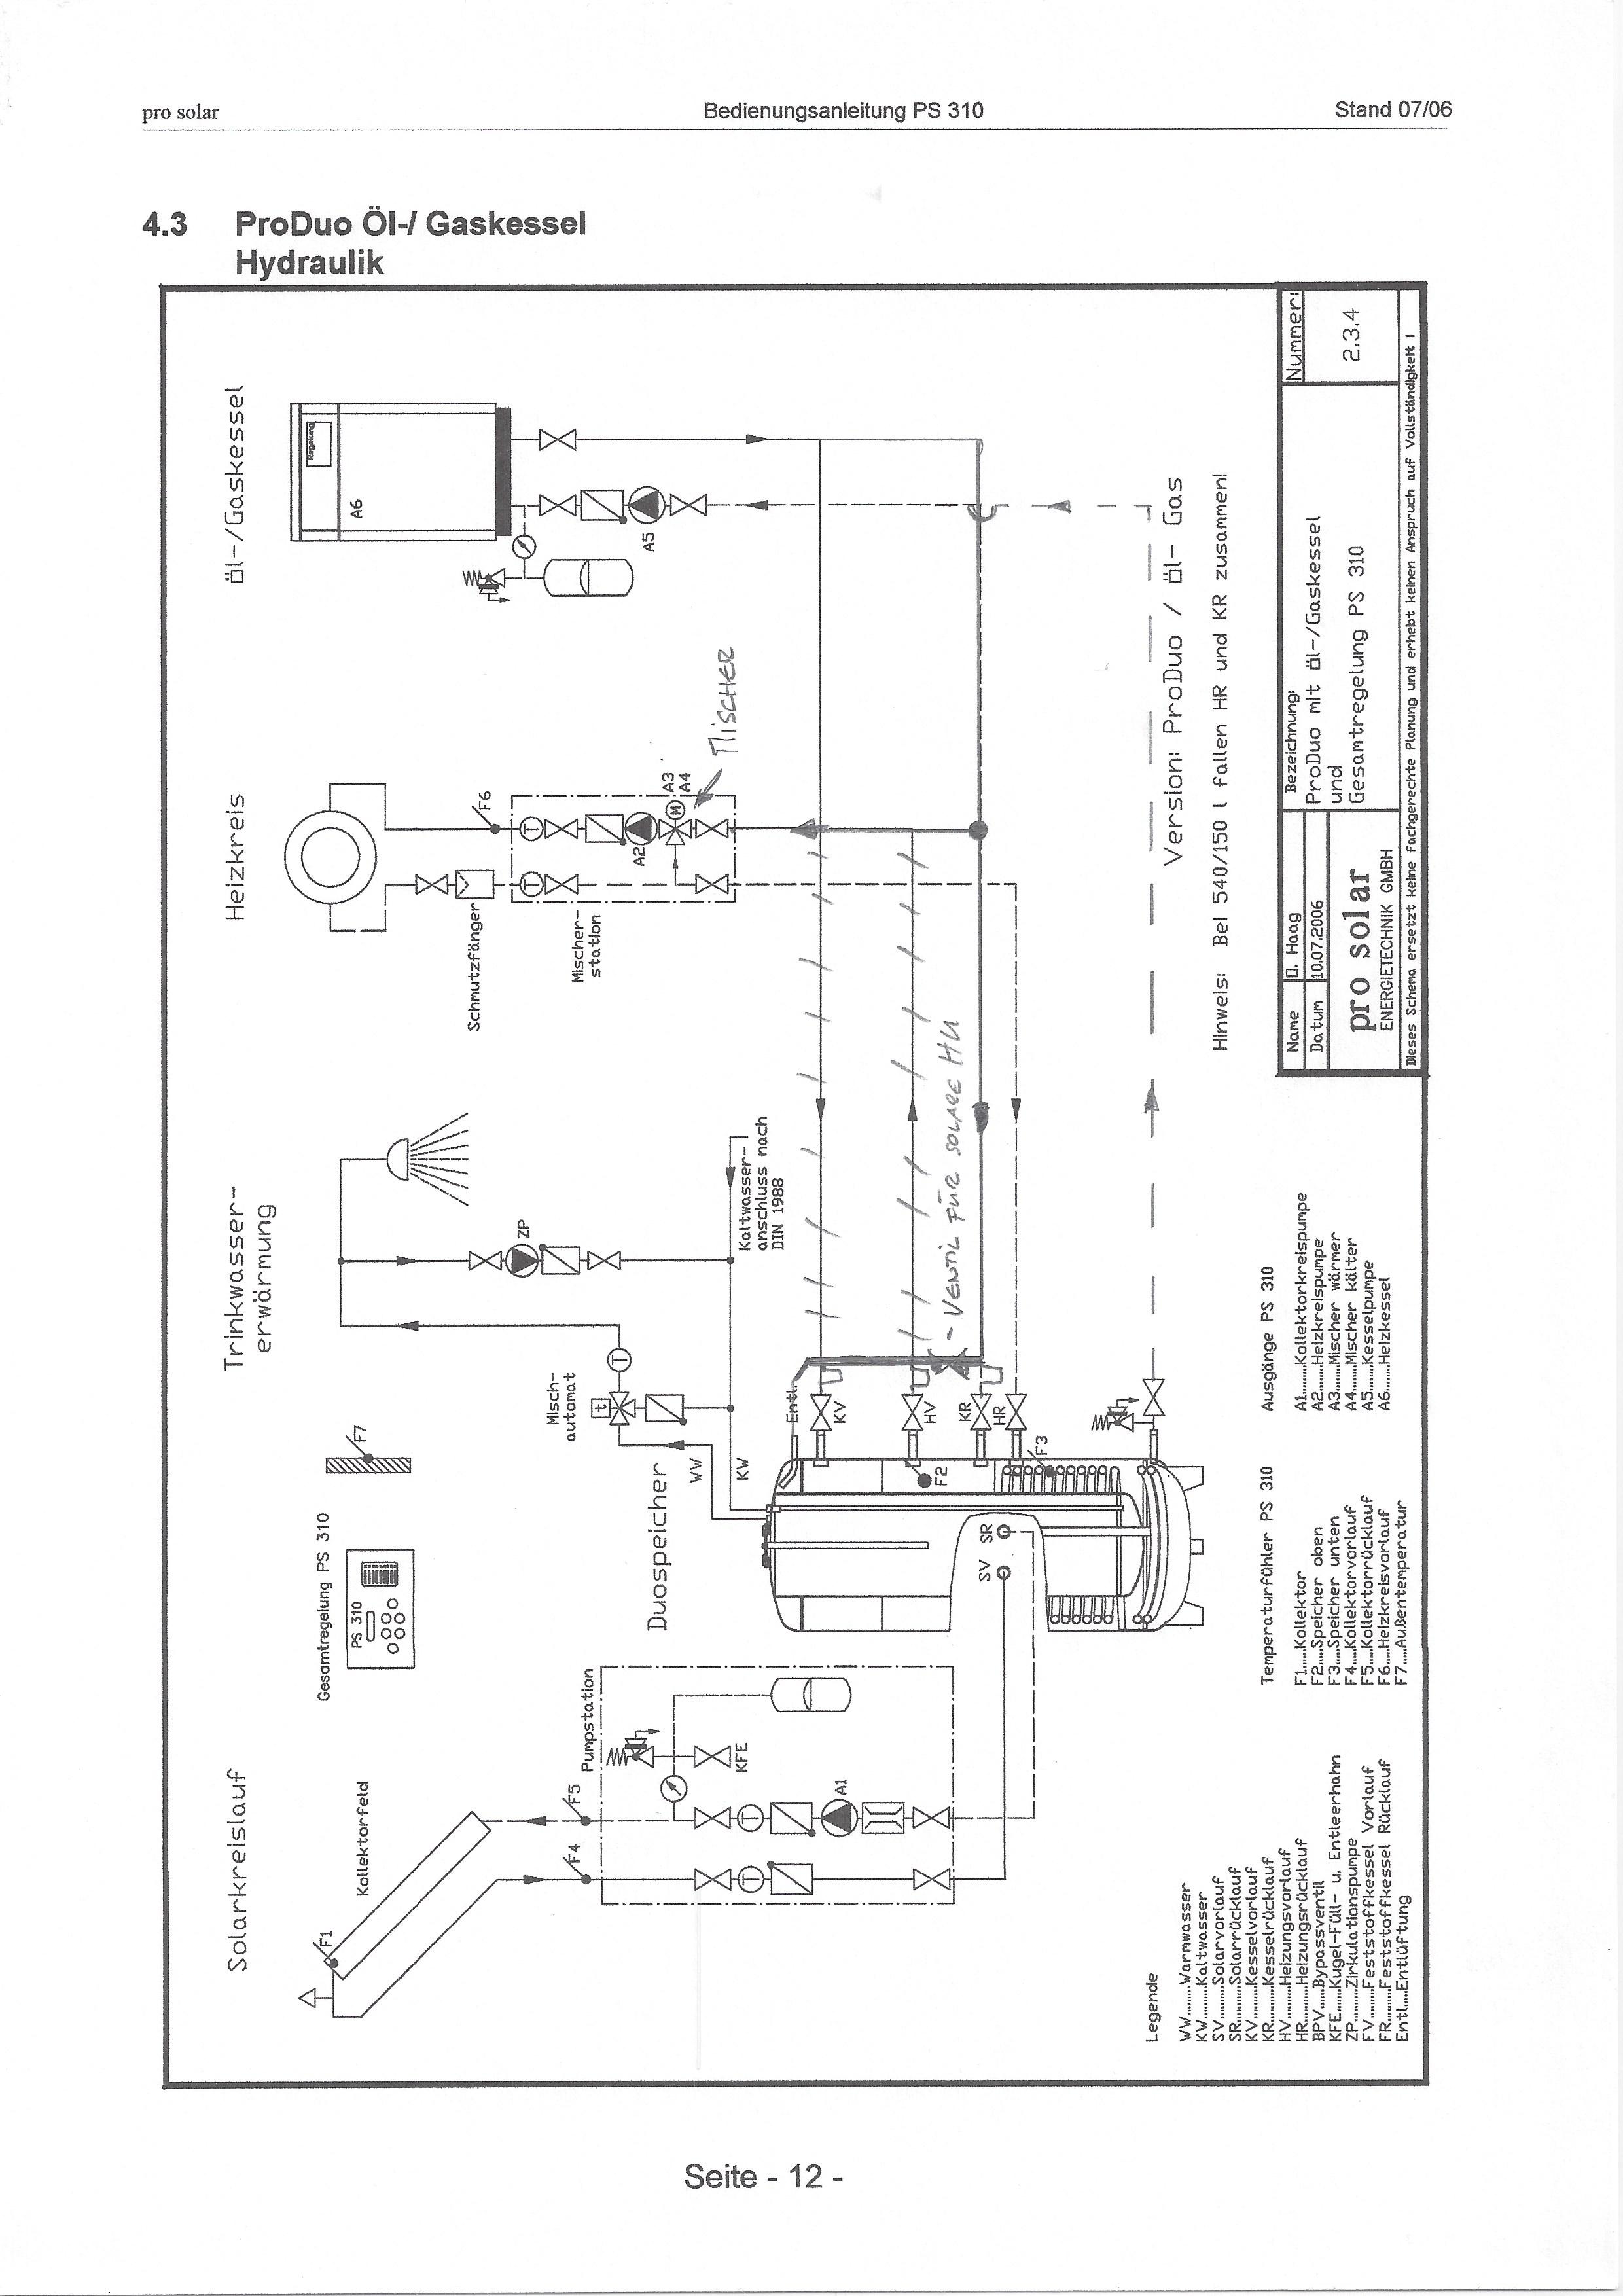 Hydraulikproblem Pufferspeicher/Solar - HaustechnikDialog